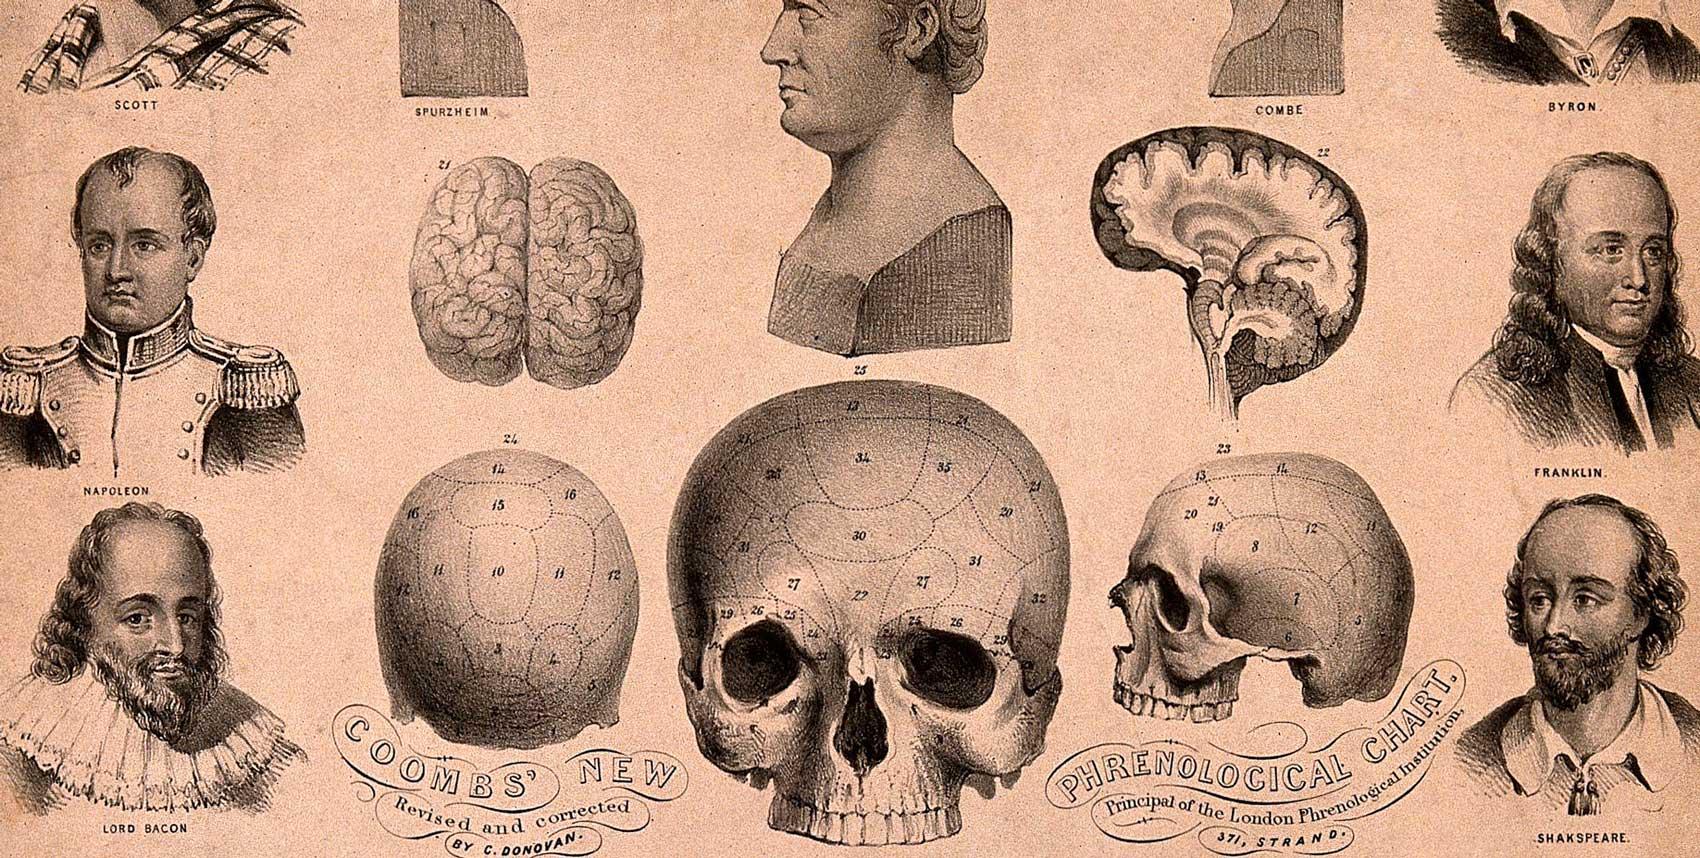 Litografi föreställande frenologiskt diagram och flera kända personers huvuden